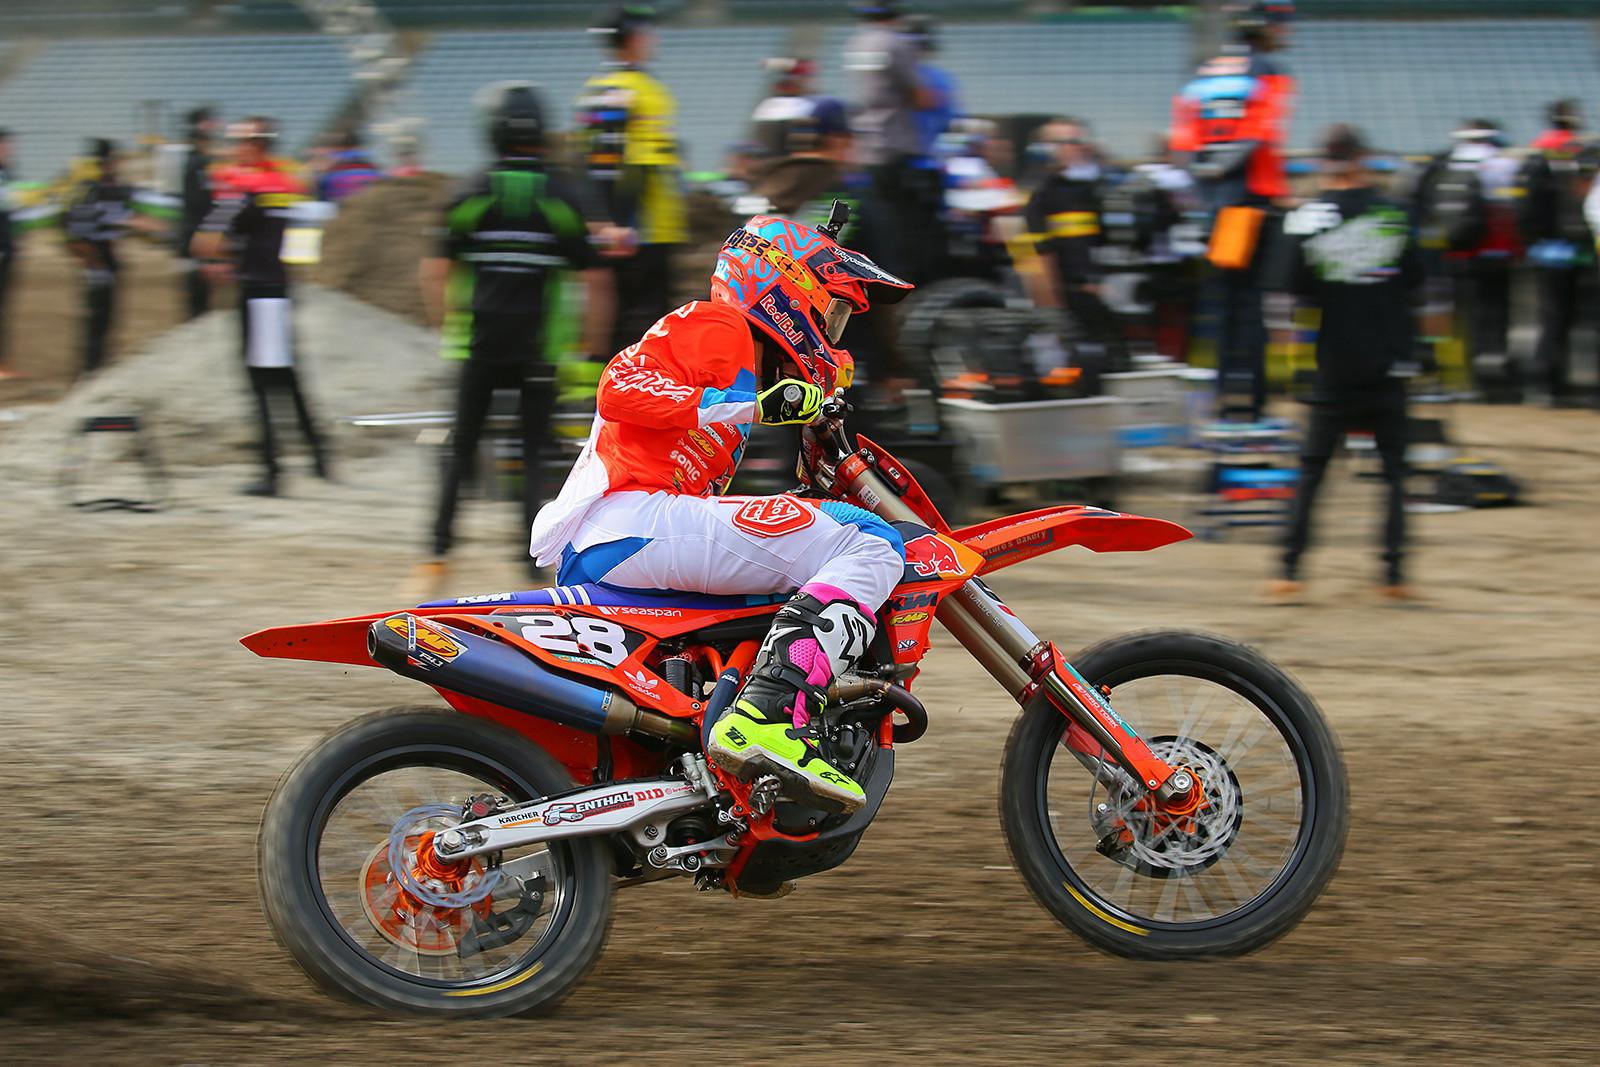 Injury Report: Mitchell Oldenburg